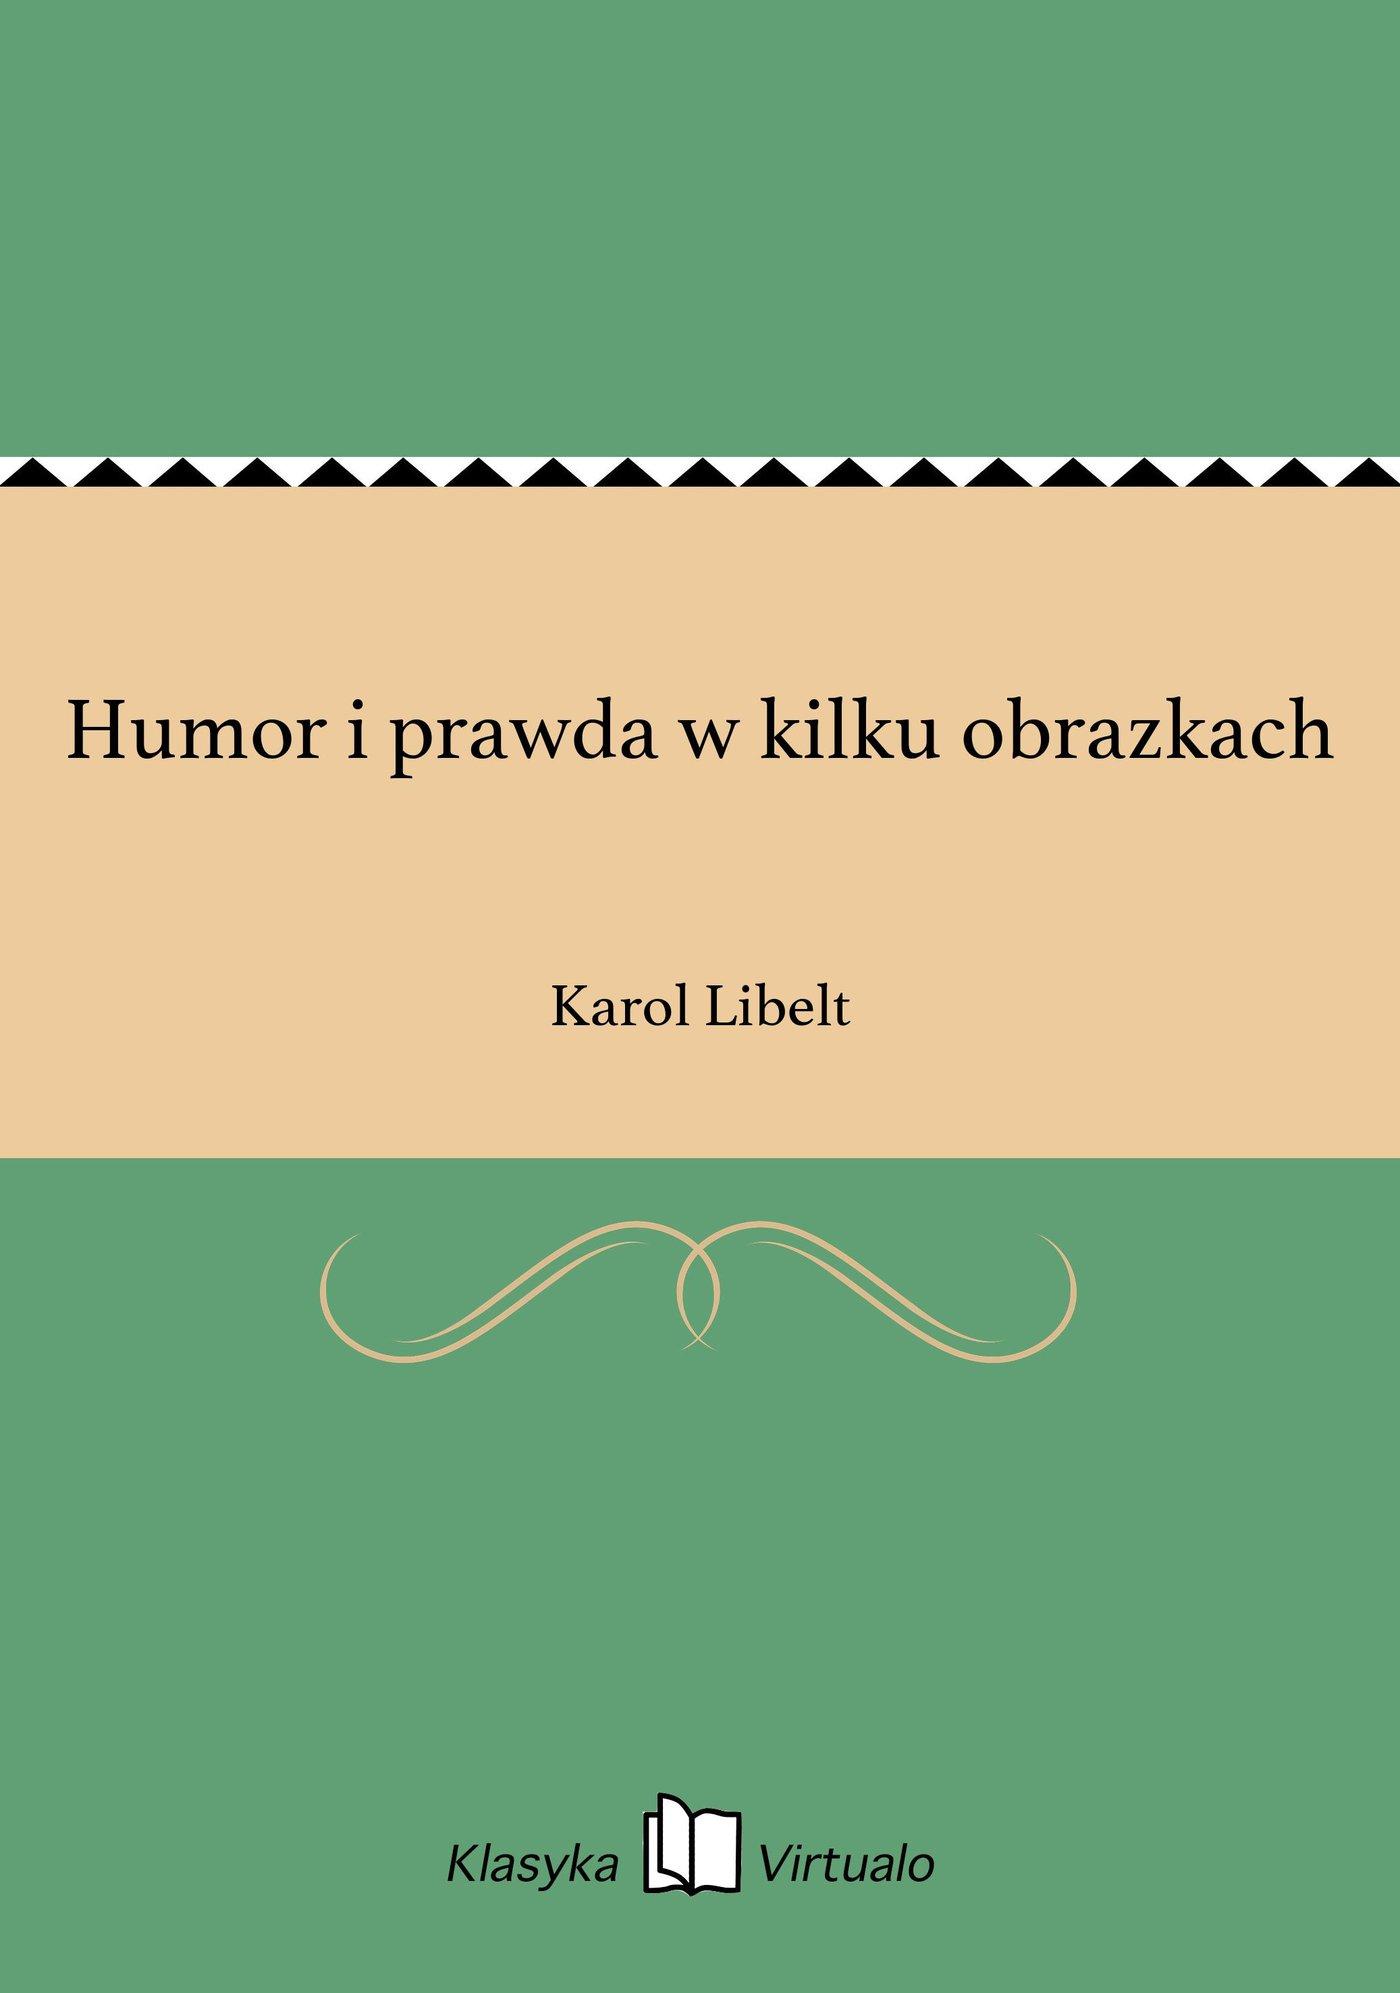 Humor i prawda w kilku obrazkach - Ebook (Książka EPUB) do pobrania w formacie EPUB